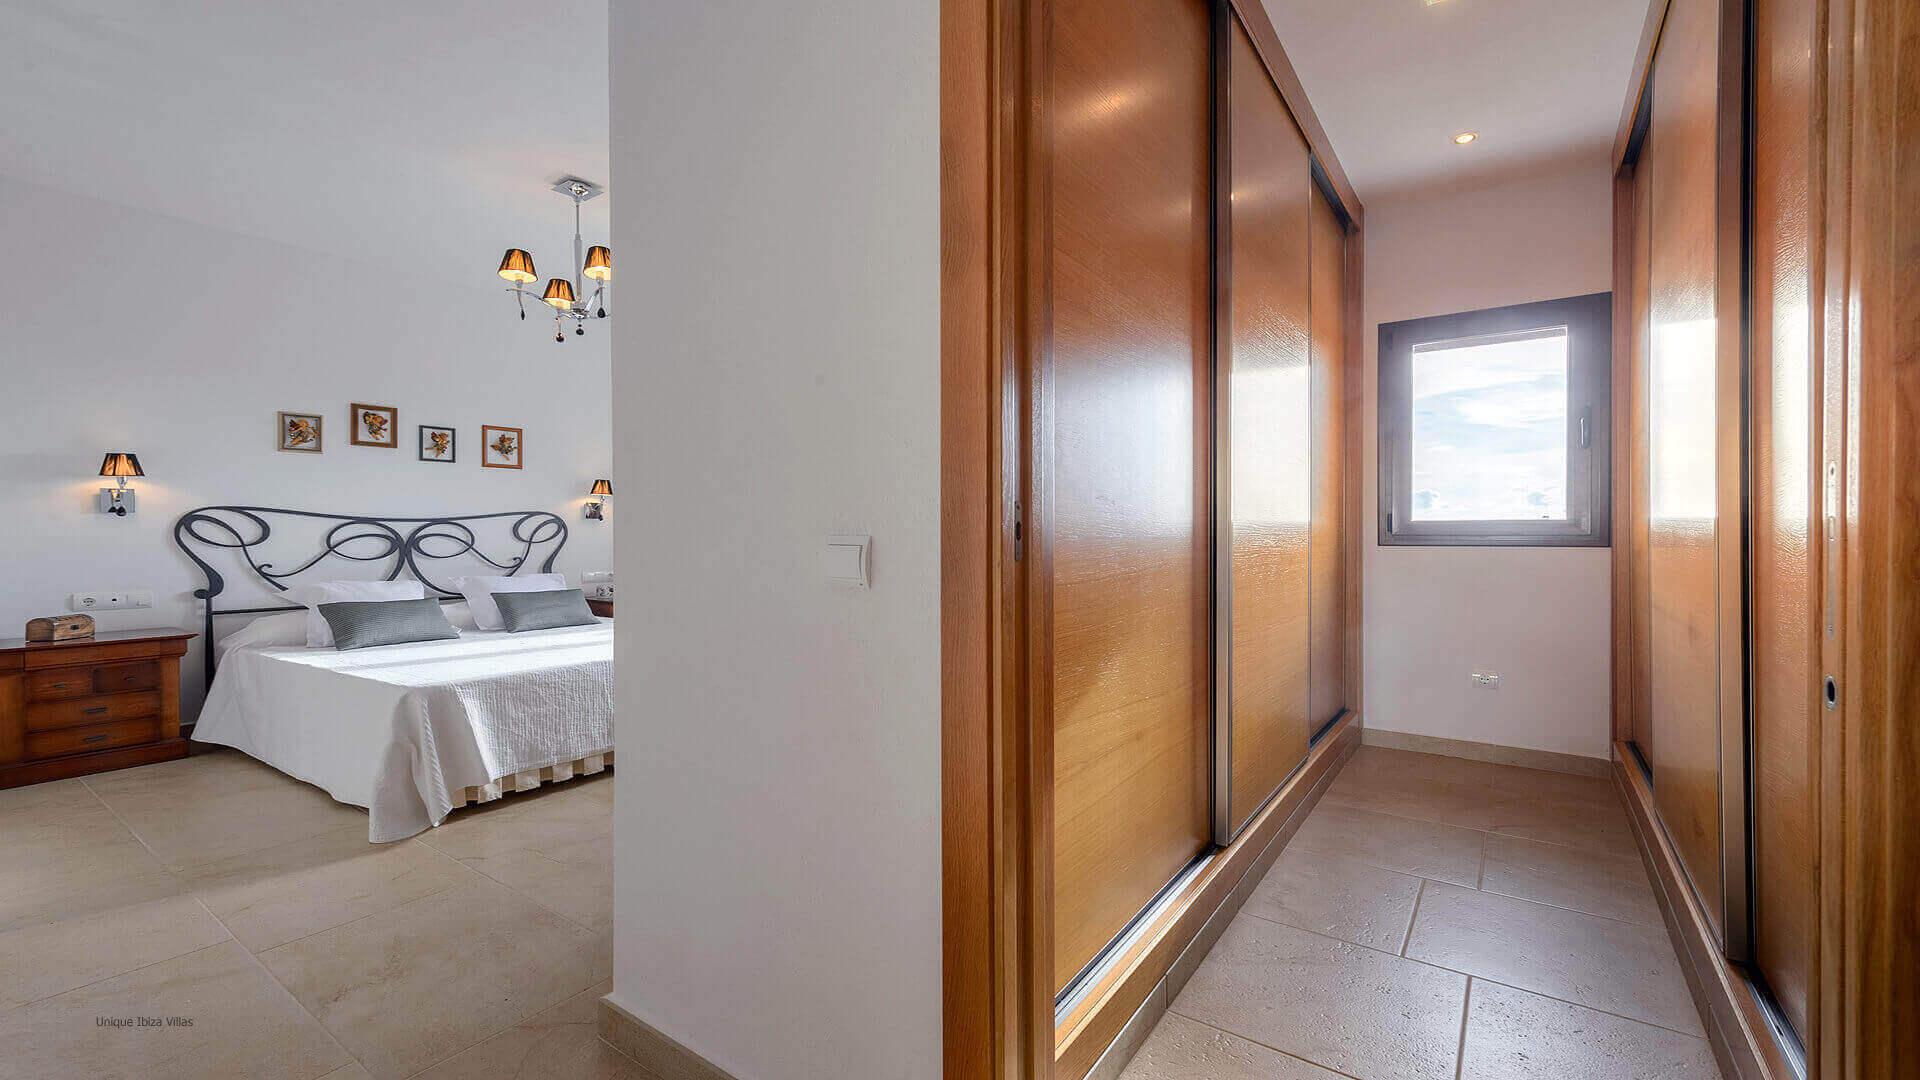 Villa Ses Dos Illes 39 Bedroom 1